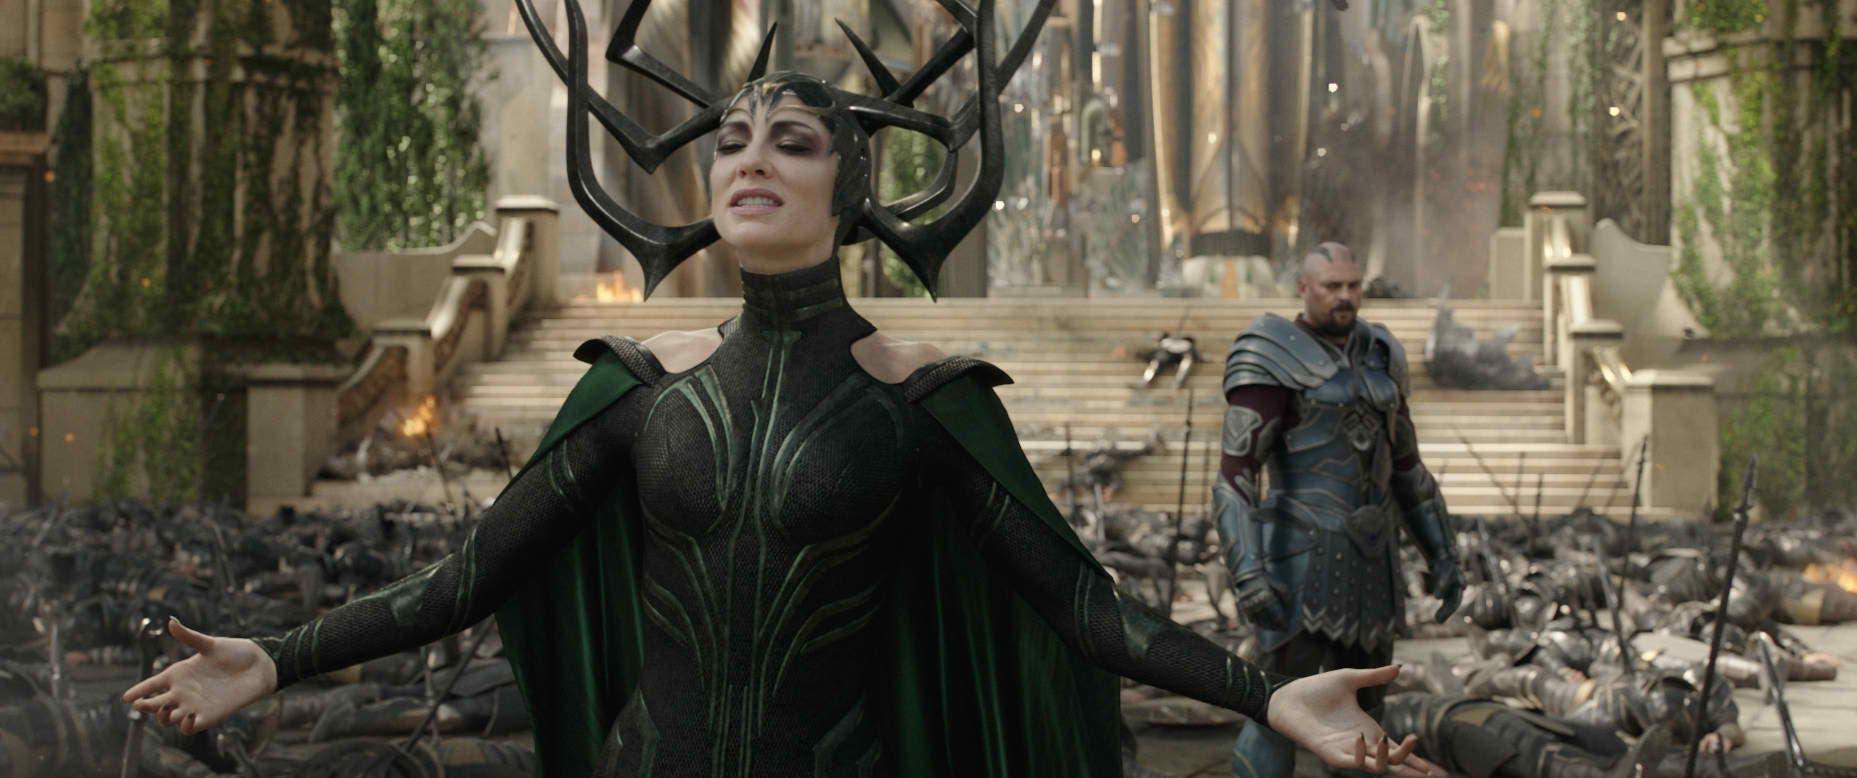 Kneel for Your Queen: Cate Blanchett is Hela in 'Thor